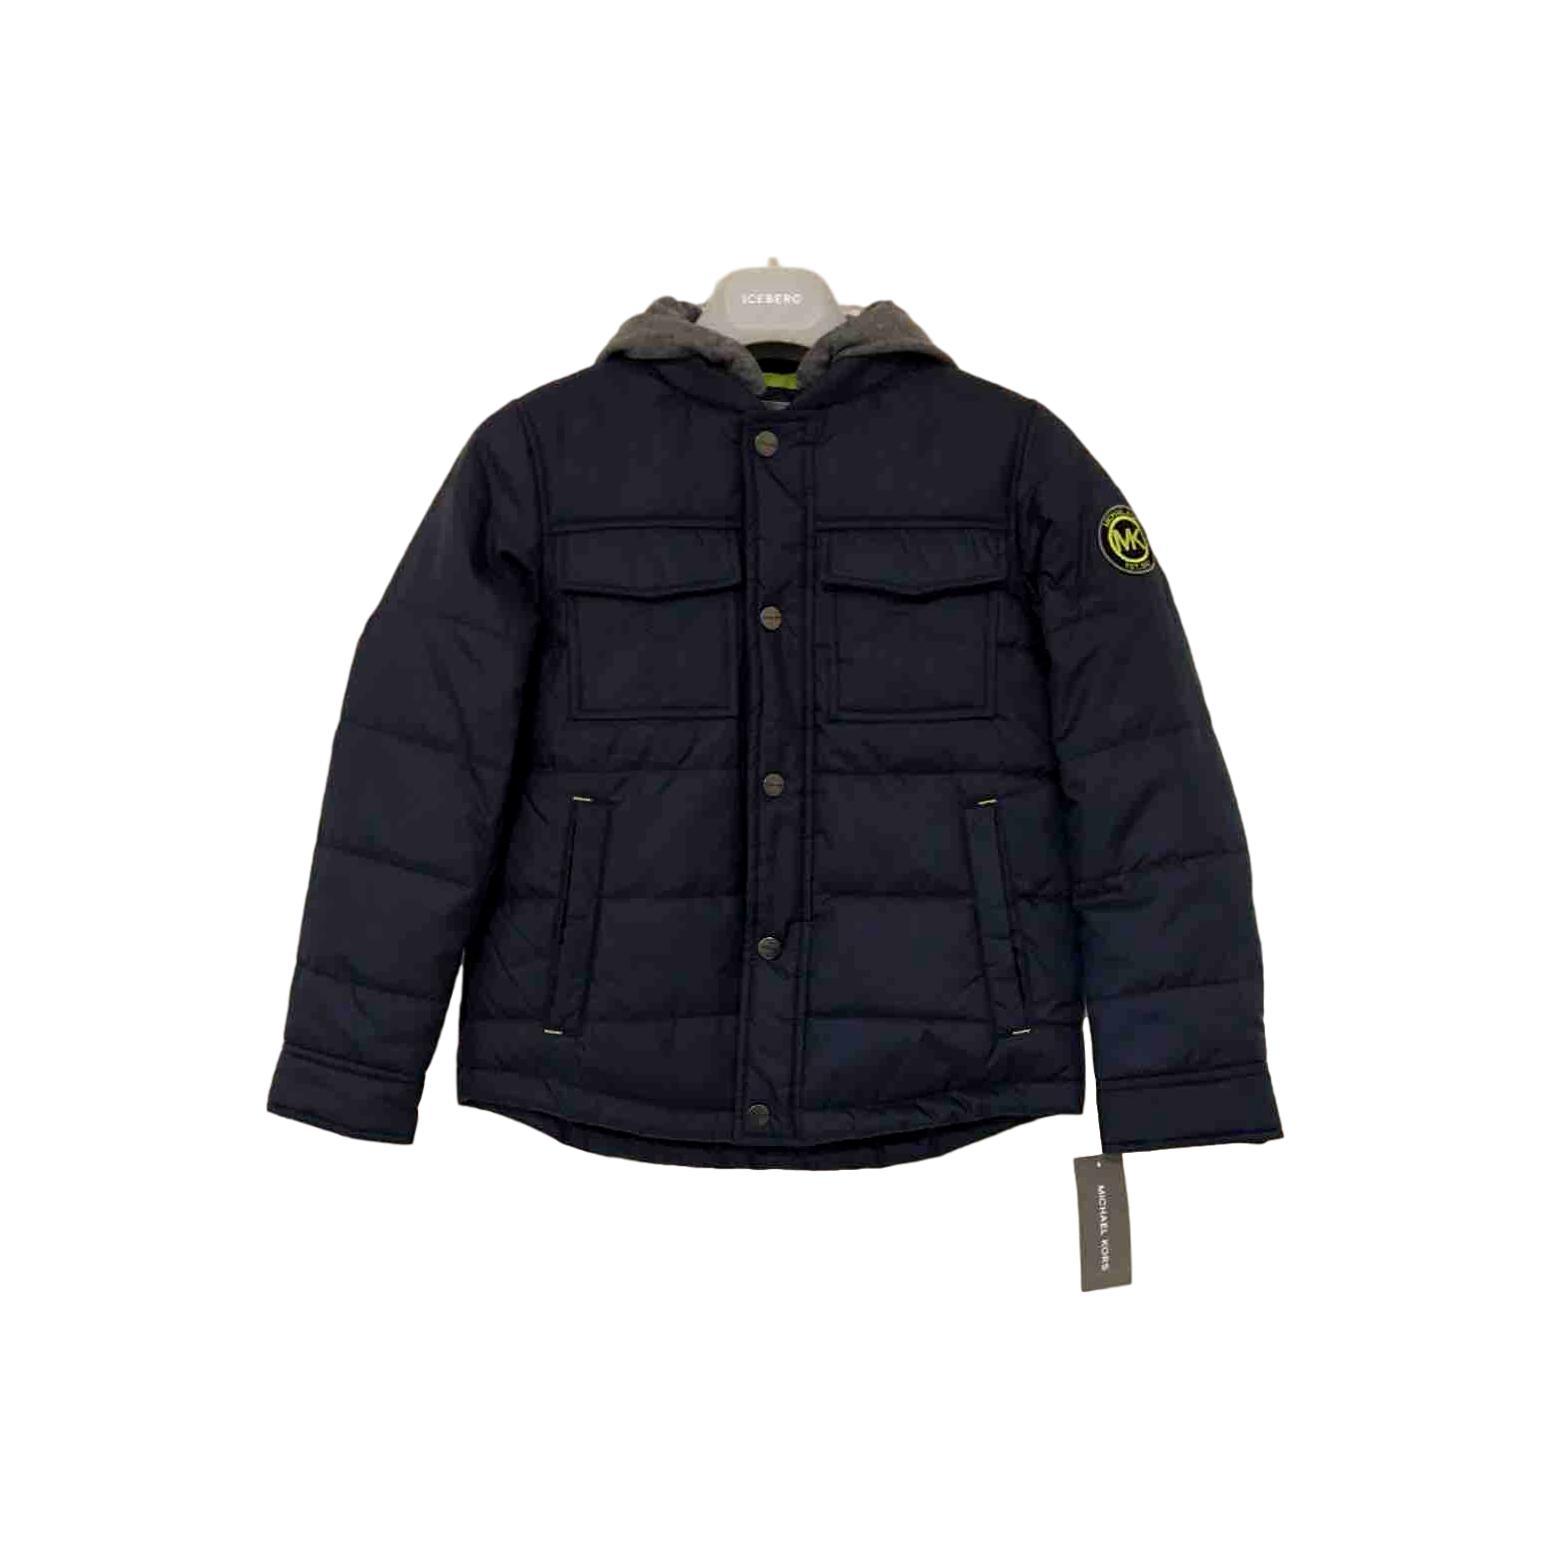 Детская одежда для Мальчиков   Пуховики Michael Kors купить на Luxxy.com ... 988d8a611f3